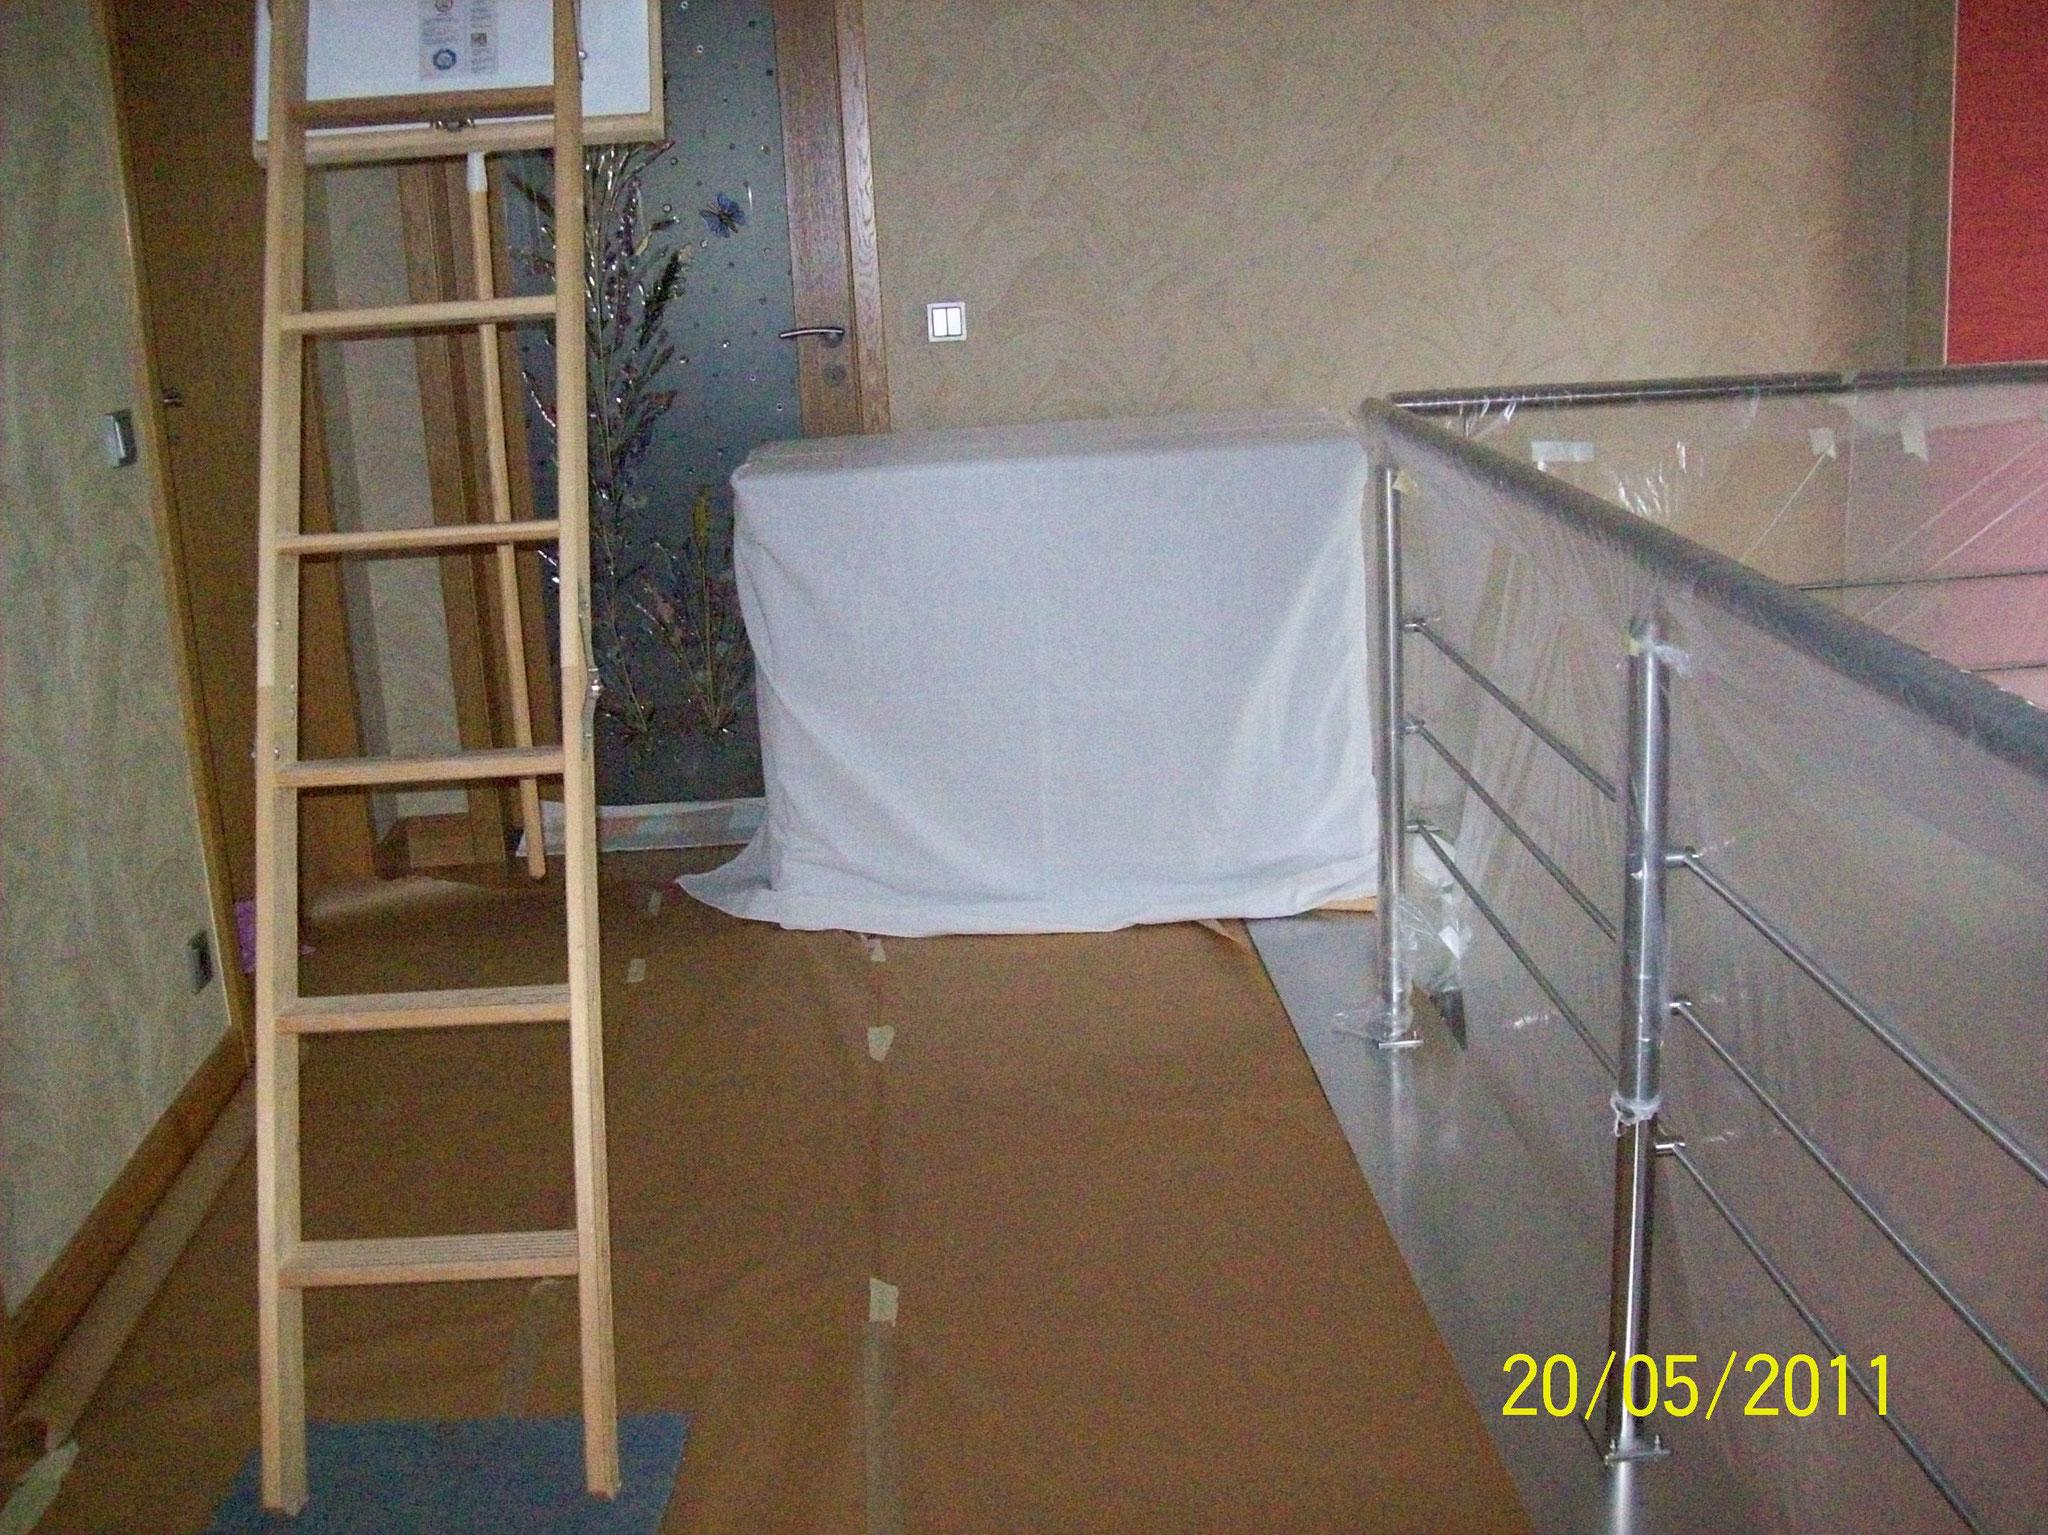 Protection de sol et meubles avant des gros travaux et nettoyage après les travaux